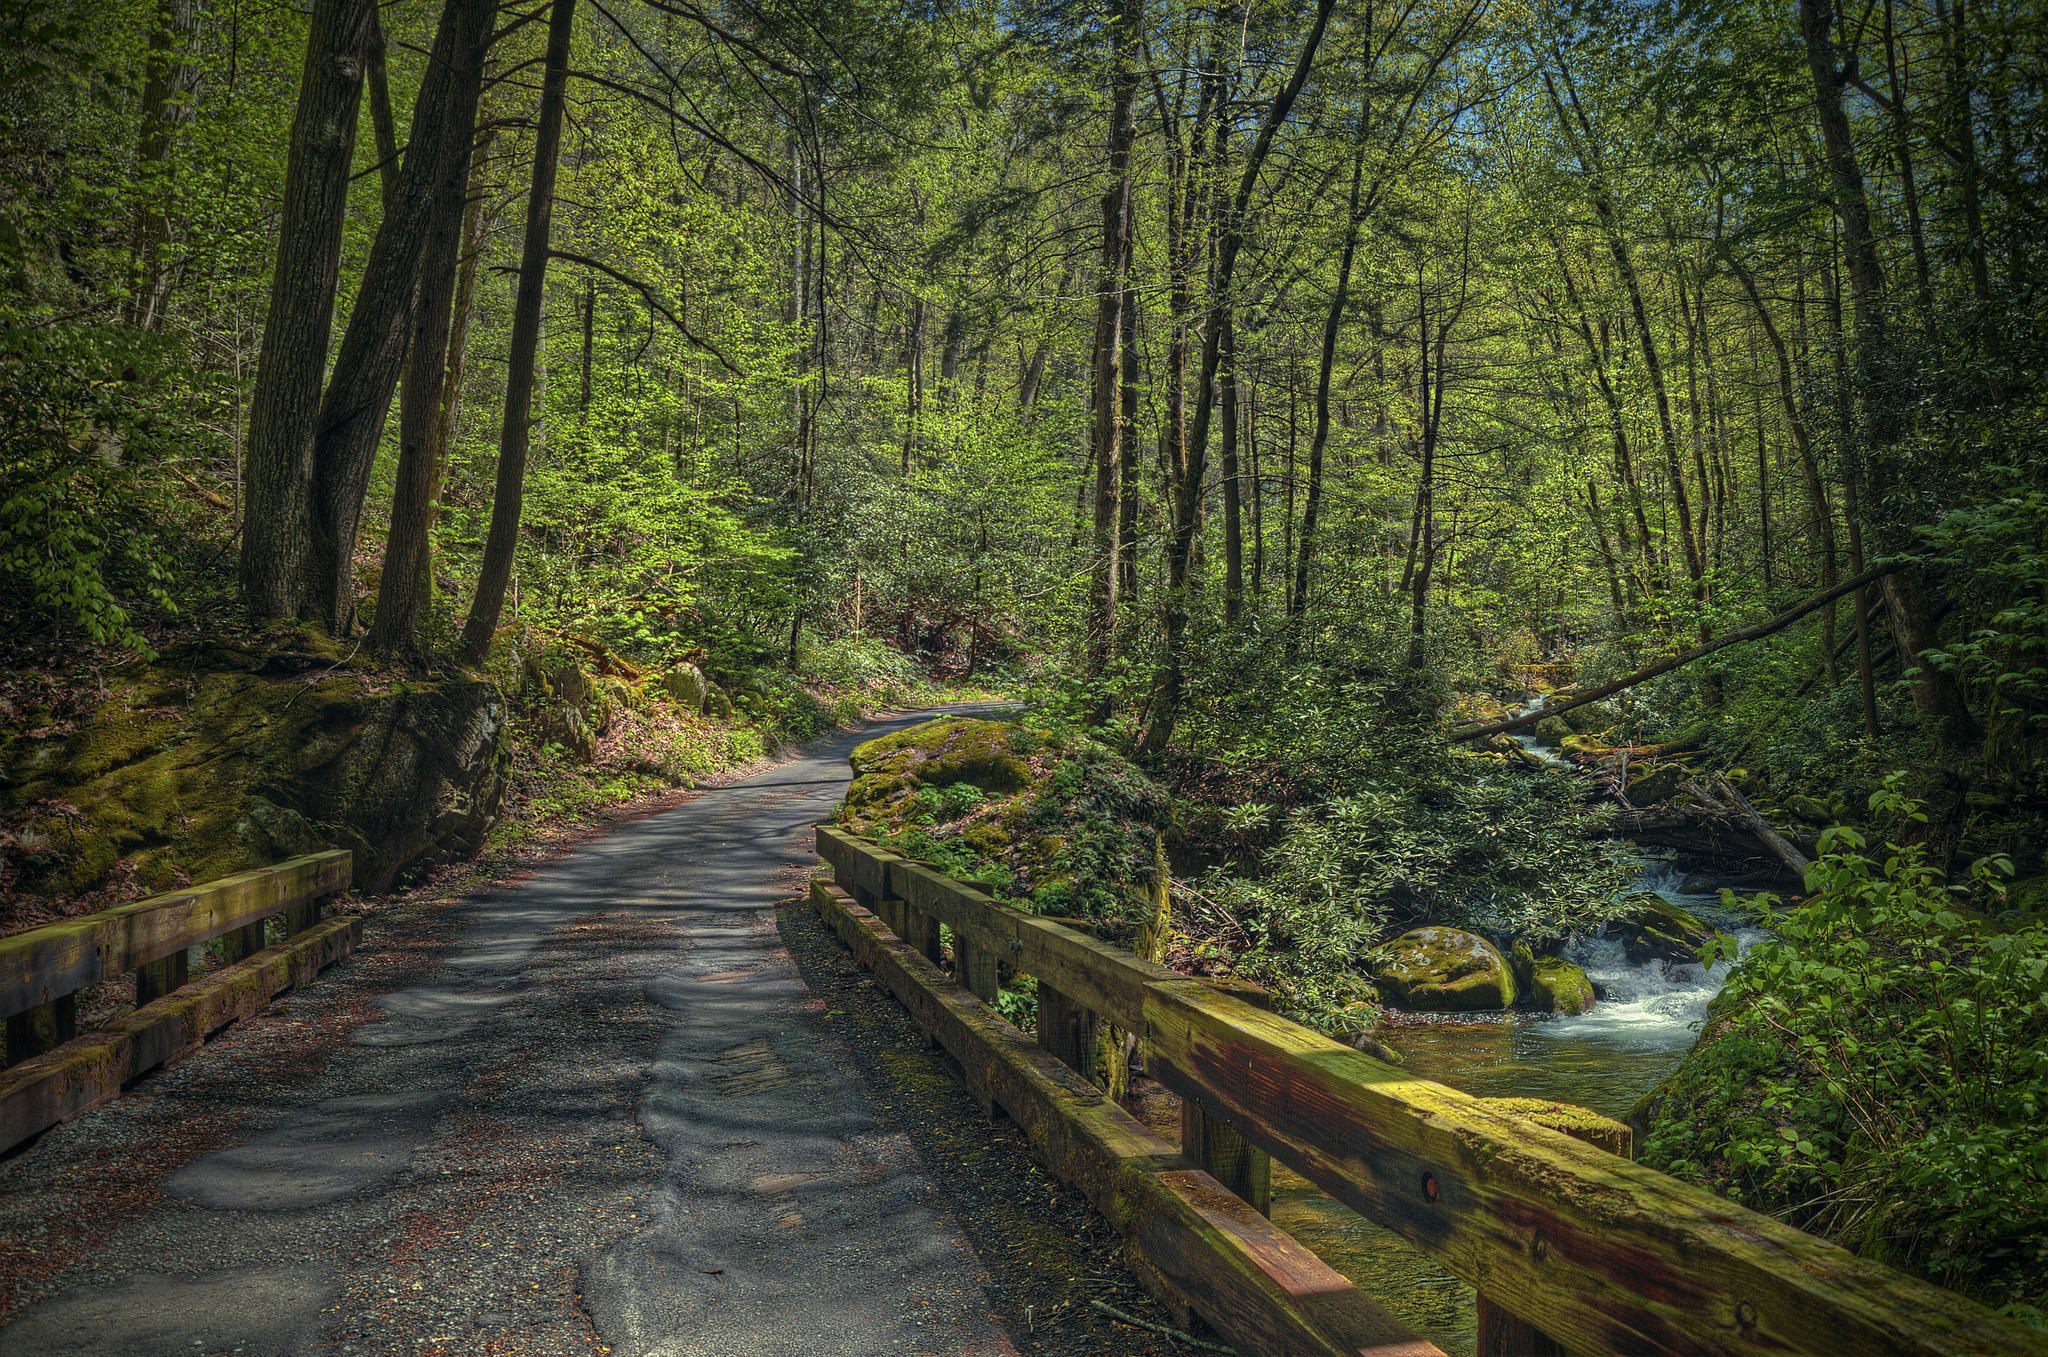 лес, деревья, дорога